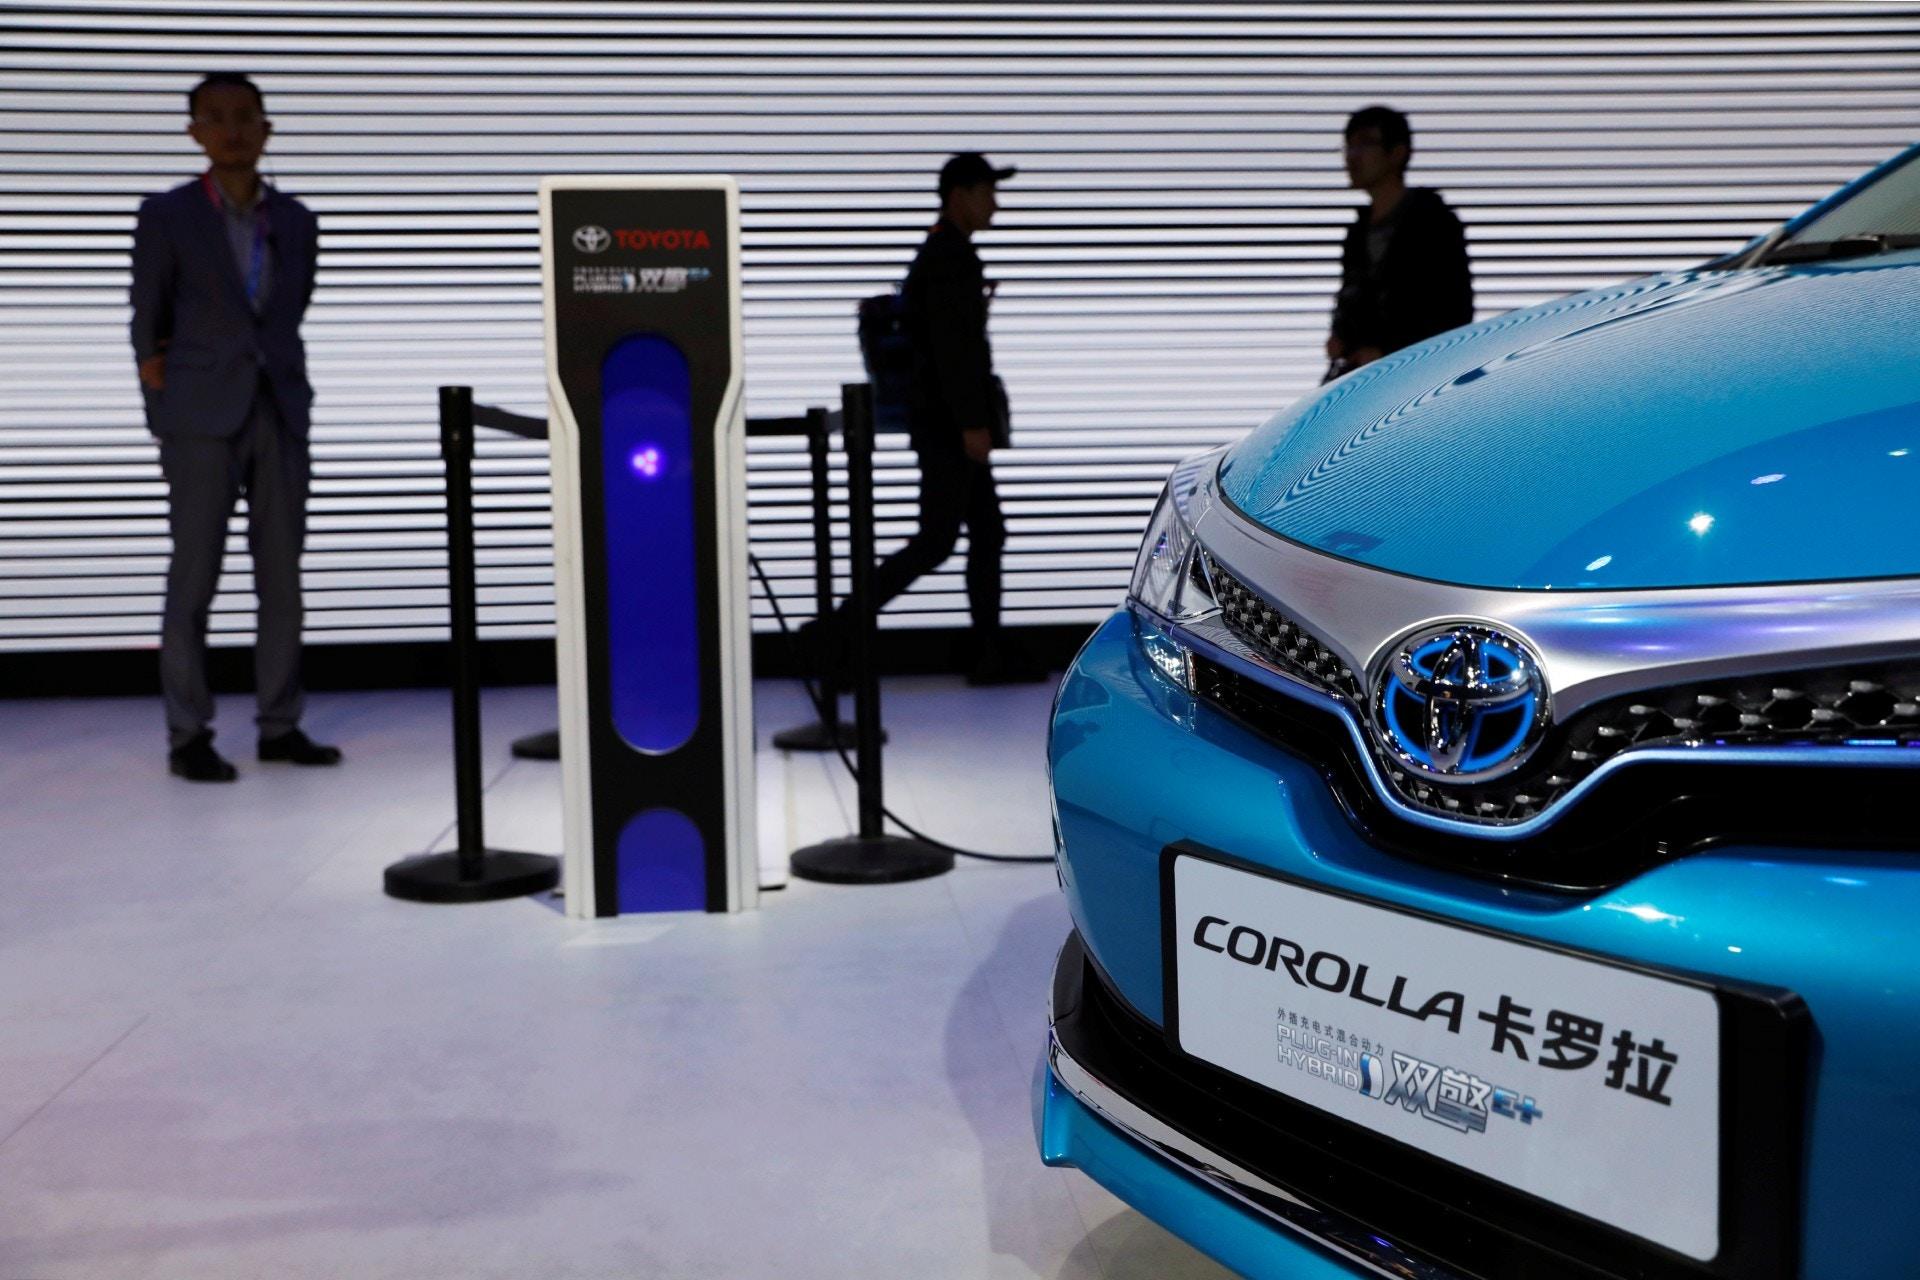 豐田與寧德時代合作 發展電動車電池業務|香港01|財經快訊